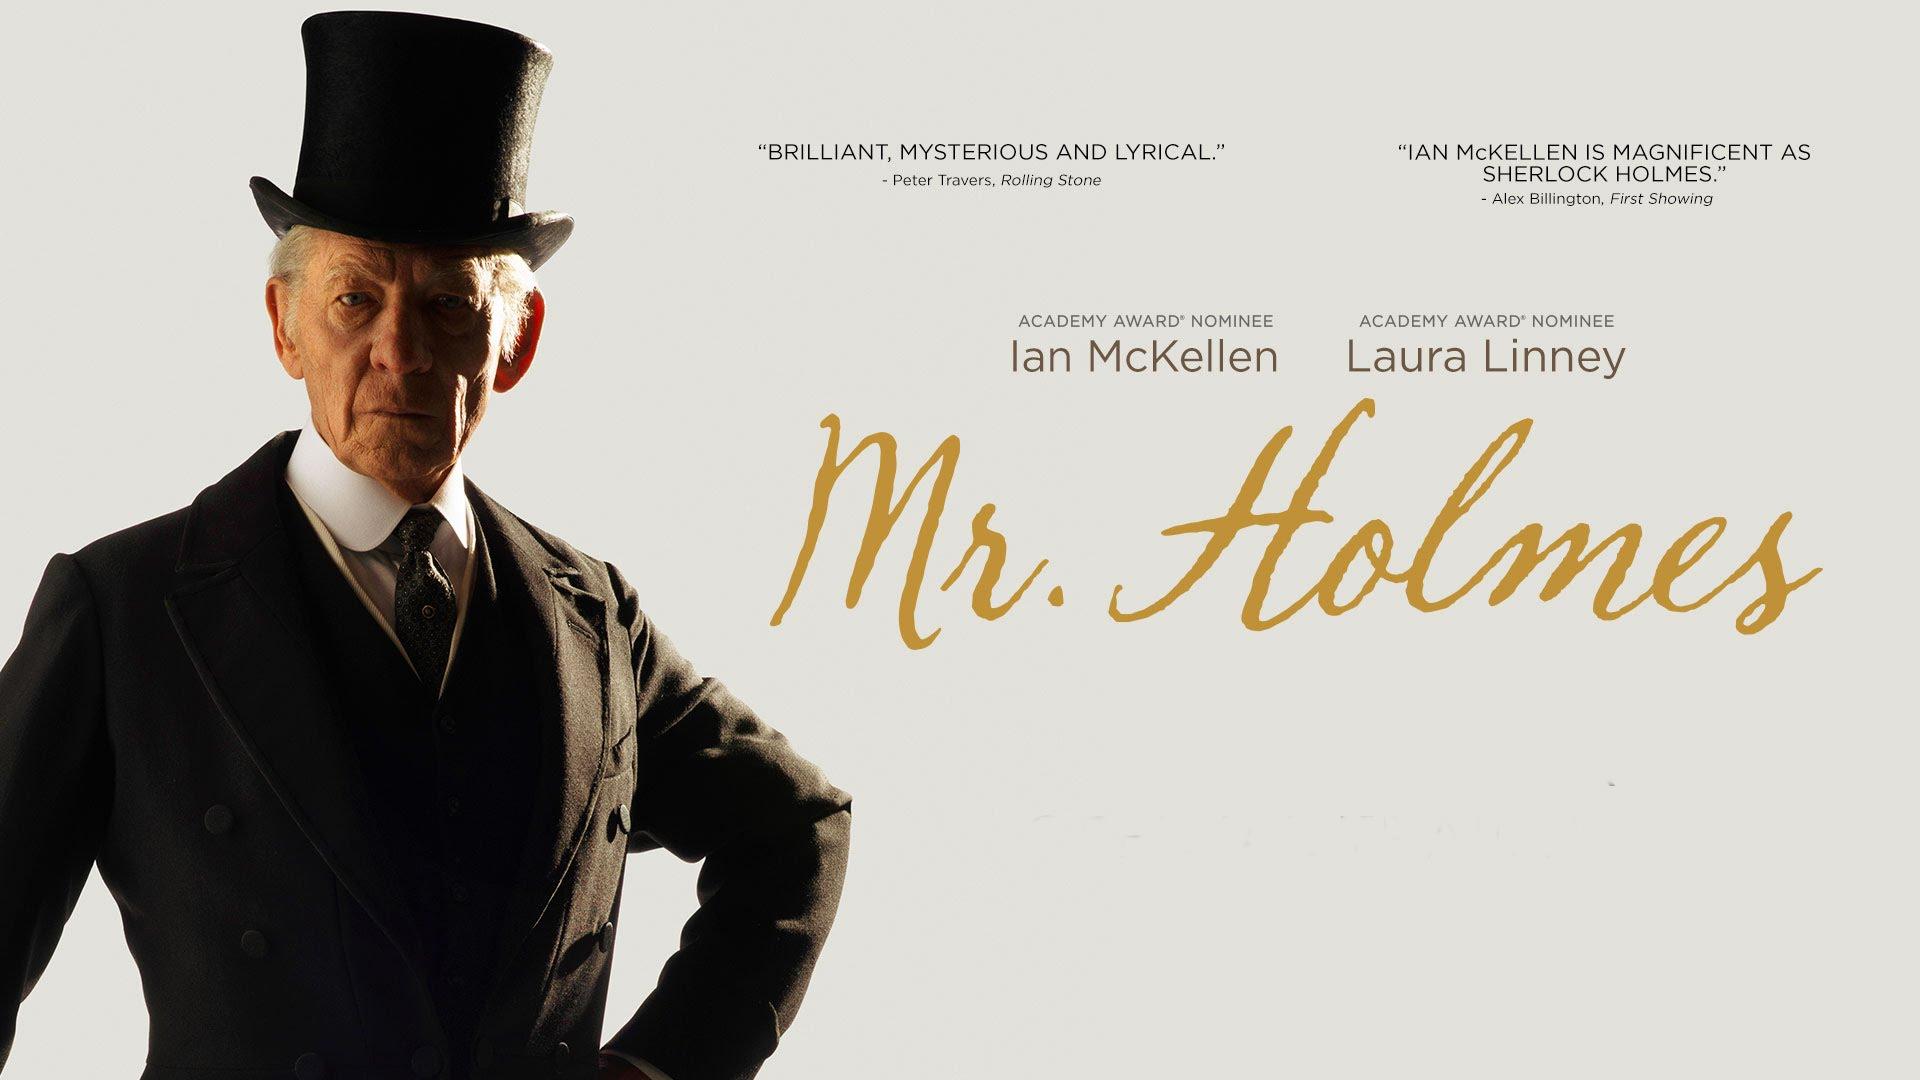 Ο Κος Χολμς (Mr. Holmes) Wallpaper